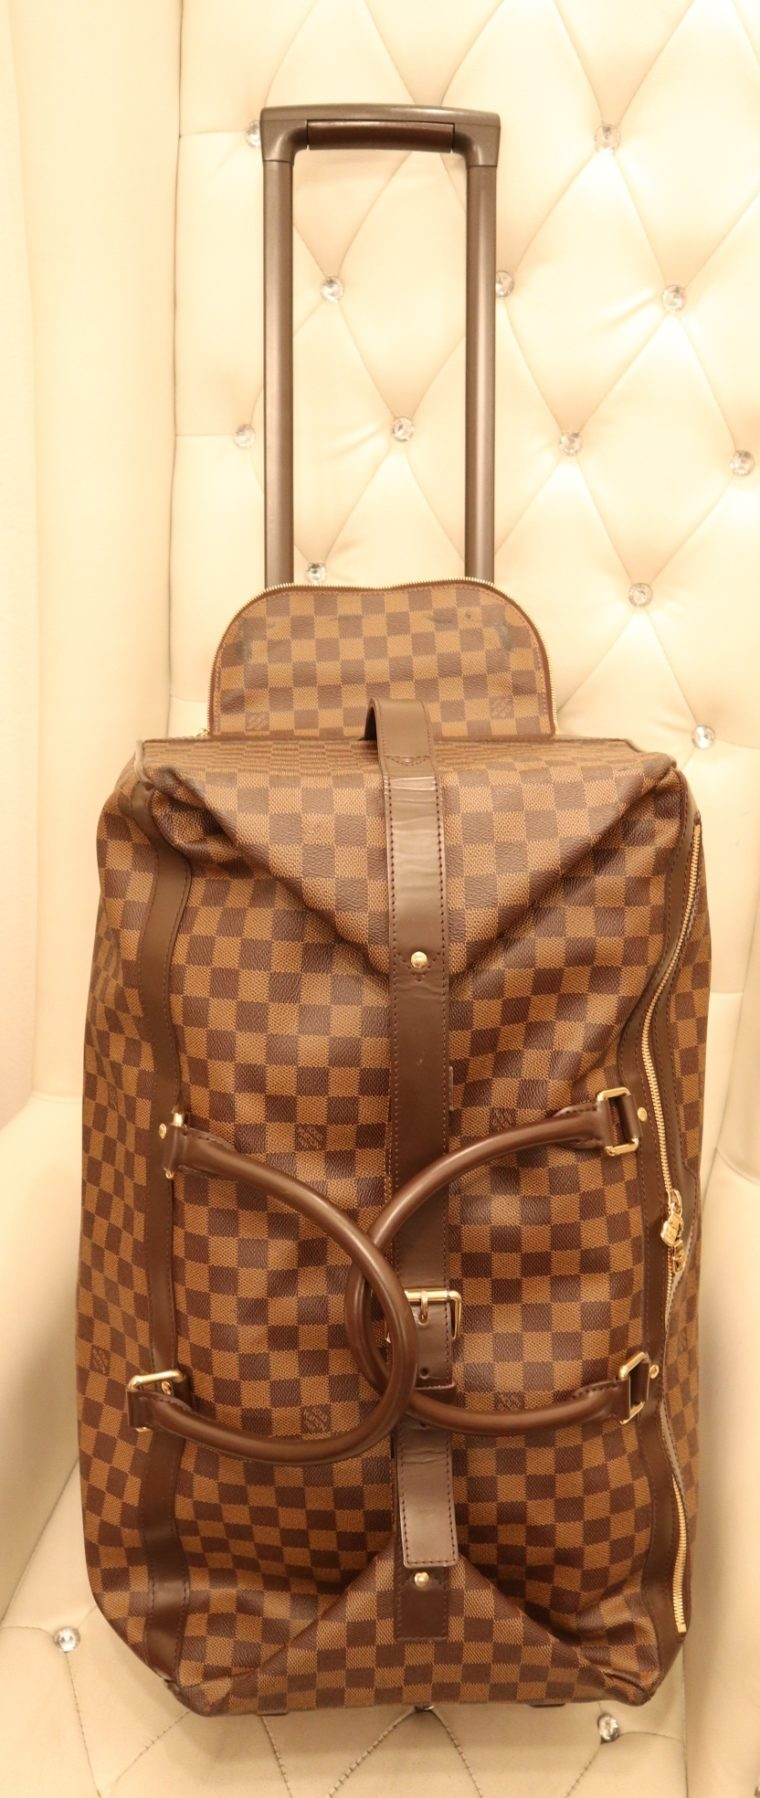 Louis Vuitton Koffer Trolley Reisetasche Eole 60 Damier ebene-14770